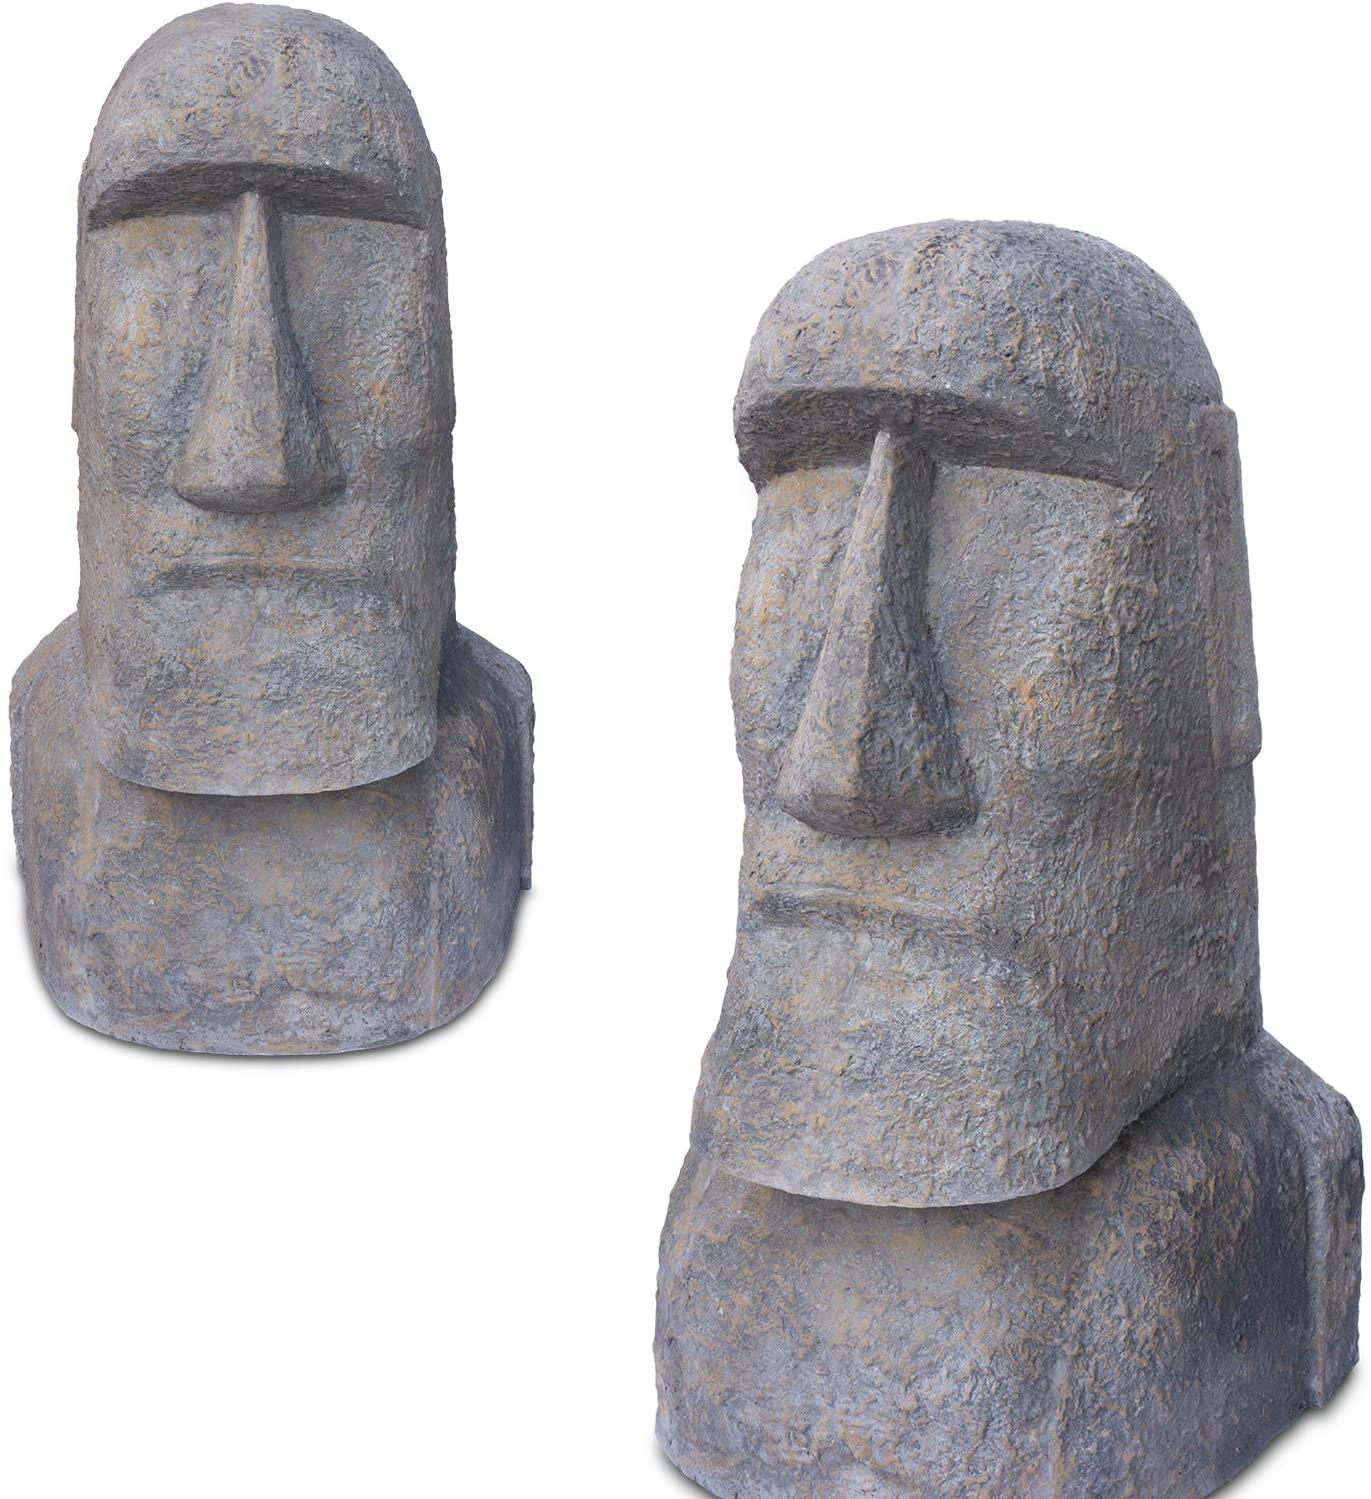 Full Size of Gartenskulpturen Stein Amazonde Fahome Moai Kopf Osterinsel Skulptur Ca 100 Cm Rapa Bad Staffelstein Hotel Steinteppich Hofgastein Gastein Alpina Therme Wohnzimmer Gartenskulpturen Stein